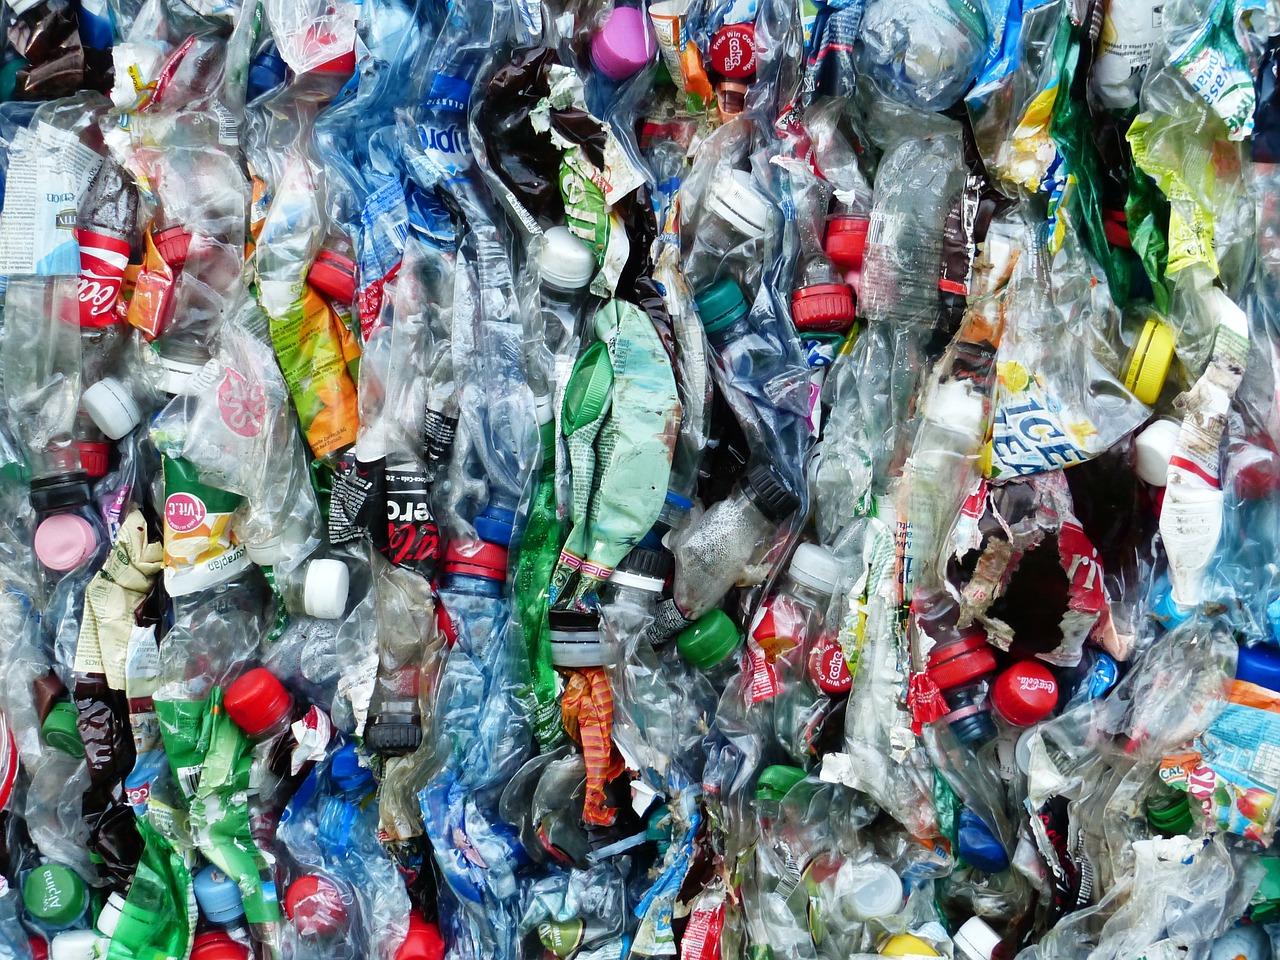 Conheça a realidade de uma cooperativa de reciclagem